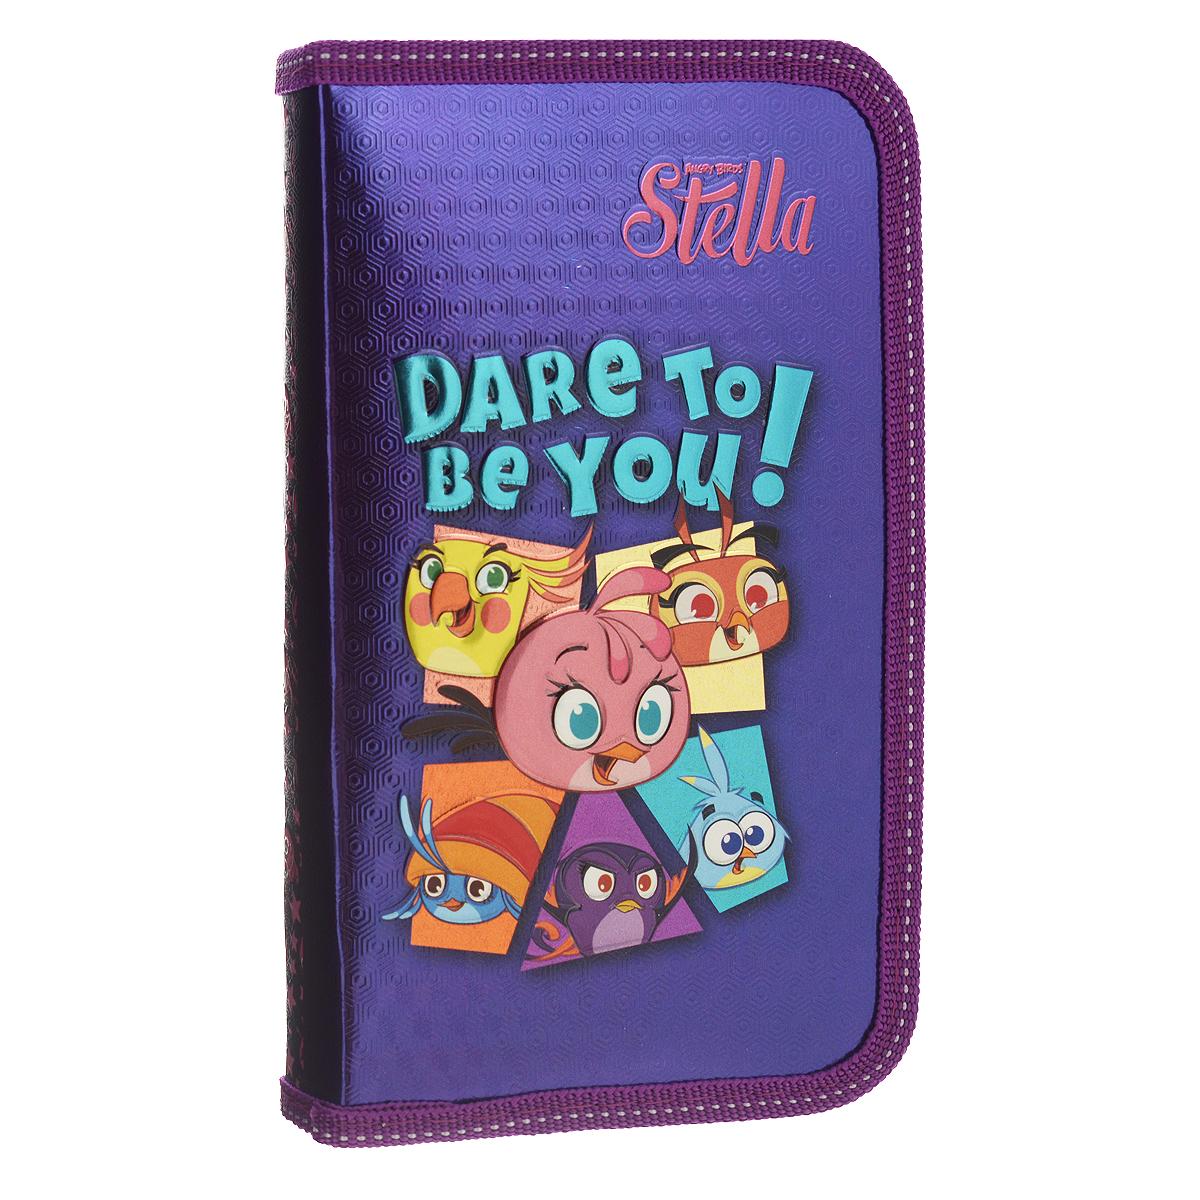 Пенал Action! Angry Birds: Stella, цвет: фиолетовыйSA-PC01-02/C49362_фиолетовыйПенал Action! Angry Birds: Stella станет не только практичным, но и стильным школьным аксессуаром для любого малыша. Пенал выполнен из прочного картона и закрывается на застежку-молнию. Состоит из одного вместительного отделения, в котором без труда поместятся канцелярские принадлежности. Внутри пенала находятся эластичные крепления для канцелярских принадлежностей. Для обеспечения дополнительной износоустойчивости, пенал отделан лентой из полиэстера по краю, а также дополнен закругленными уголками. Пенал оформлен изображением птичек из игры Angry Birds и надписью Dare to be you!. Такой пенал станет незаменимым помощником для школьника, с ним ручки и карандаши всегда будут под рукой и больше не потеряются.